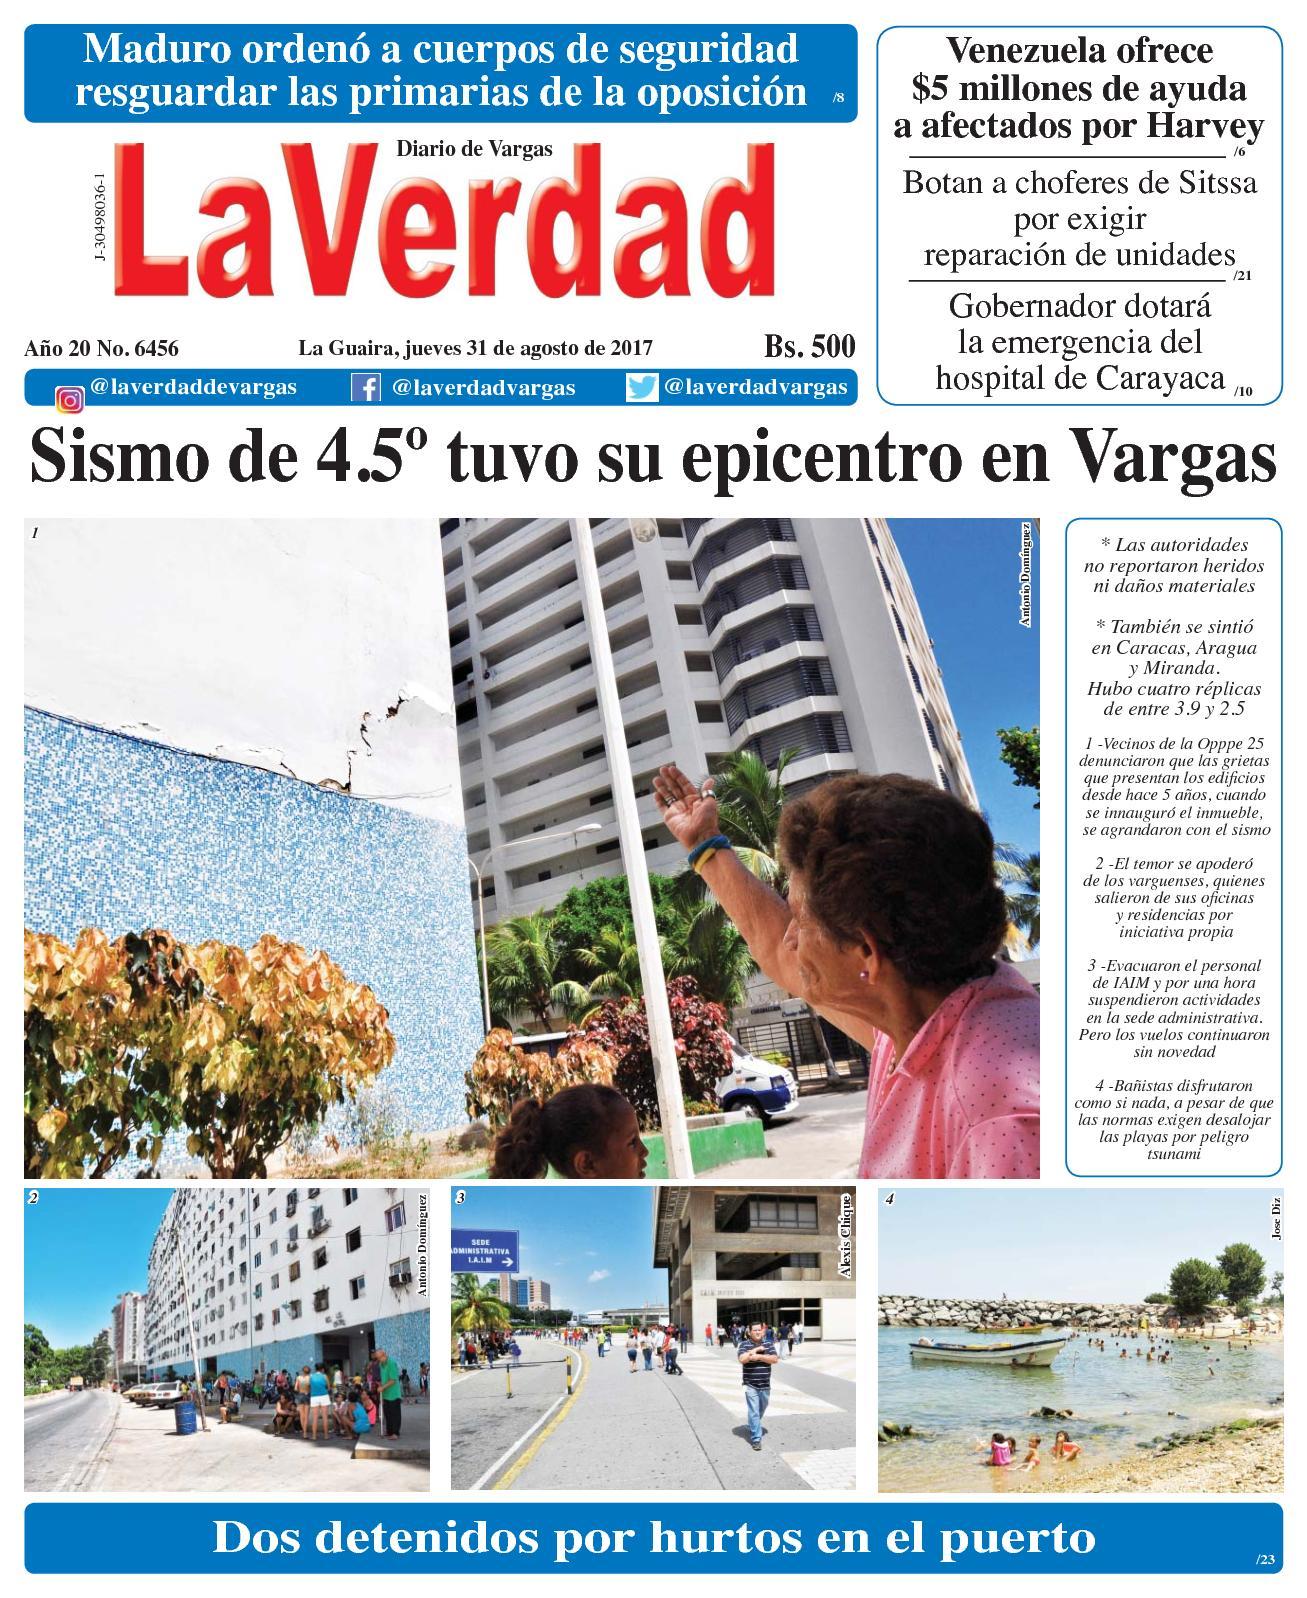 La Guaira, jueves 31 de Agosto de 2017. Año 20 No. 6456